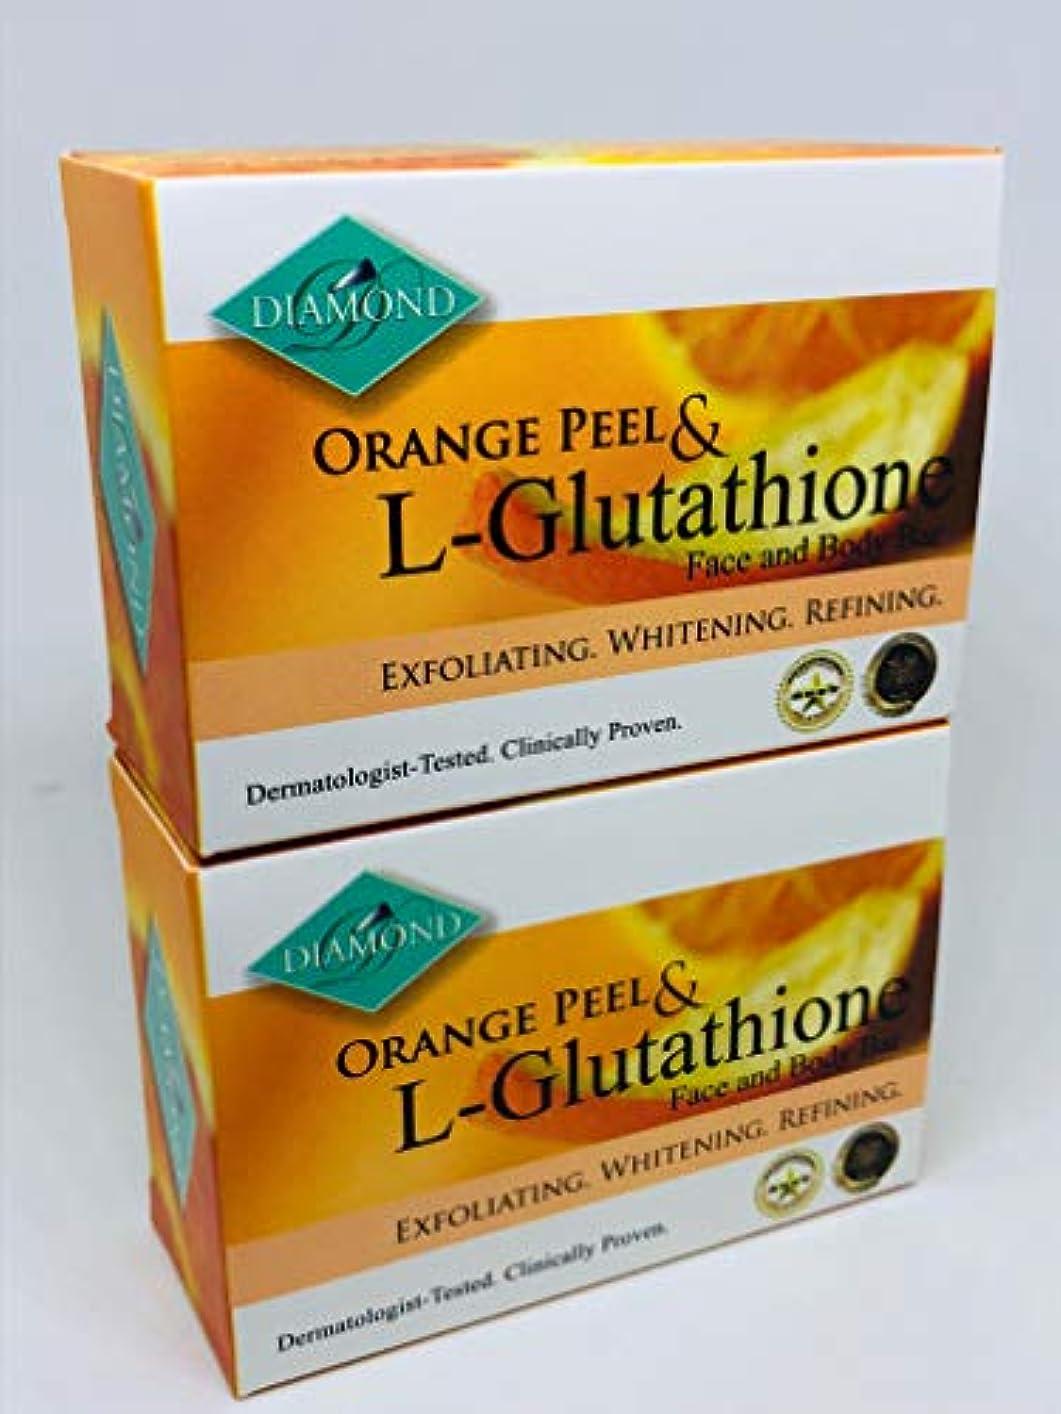 太鼓腹恐れ健康DIAMOND ORANGE PEEL&Glutathione soap/オレンジピール&グルタチオン配合ソープ(美容石けん) 150g×2個 正規輸入品